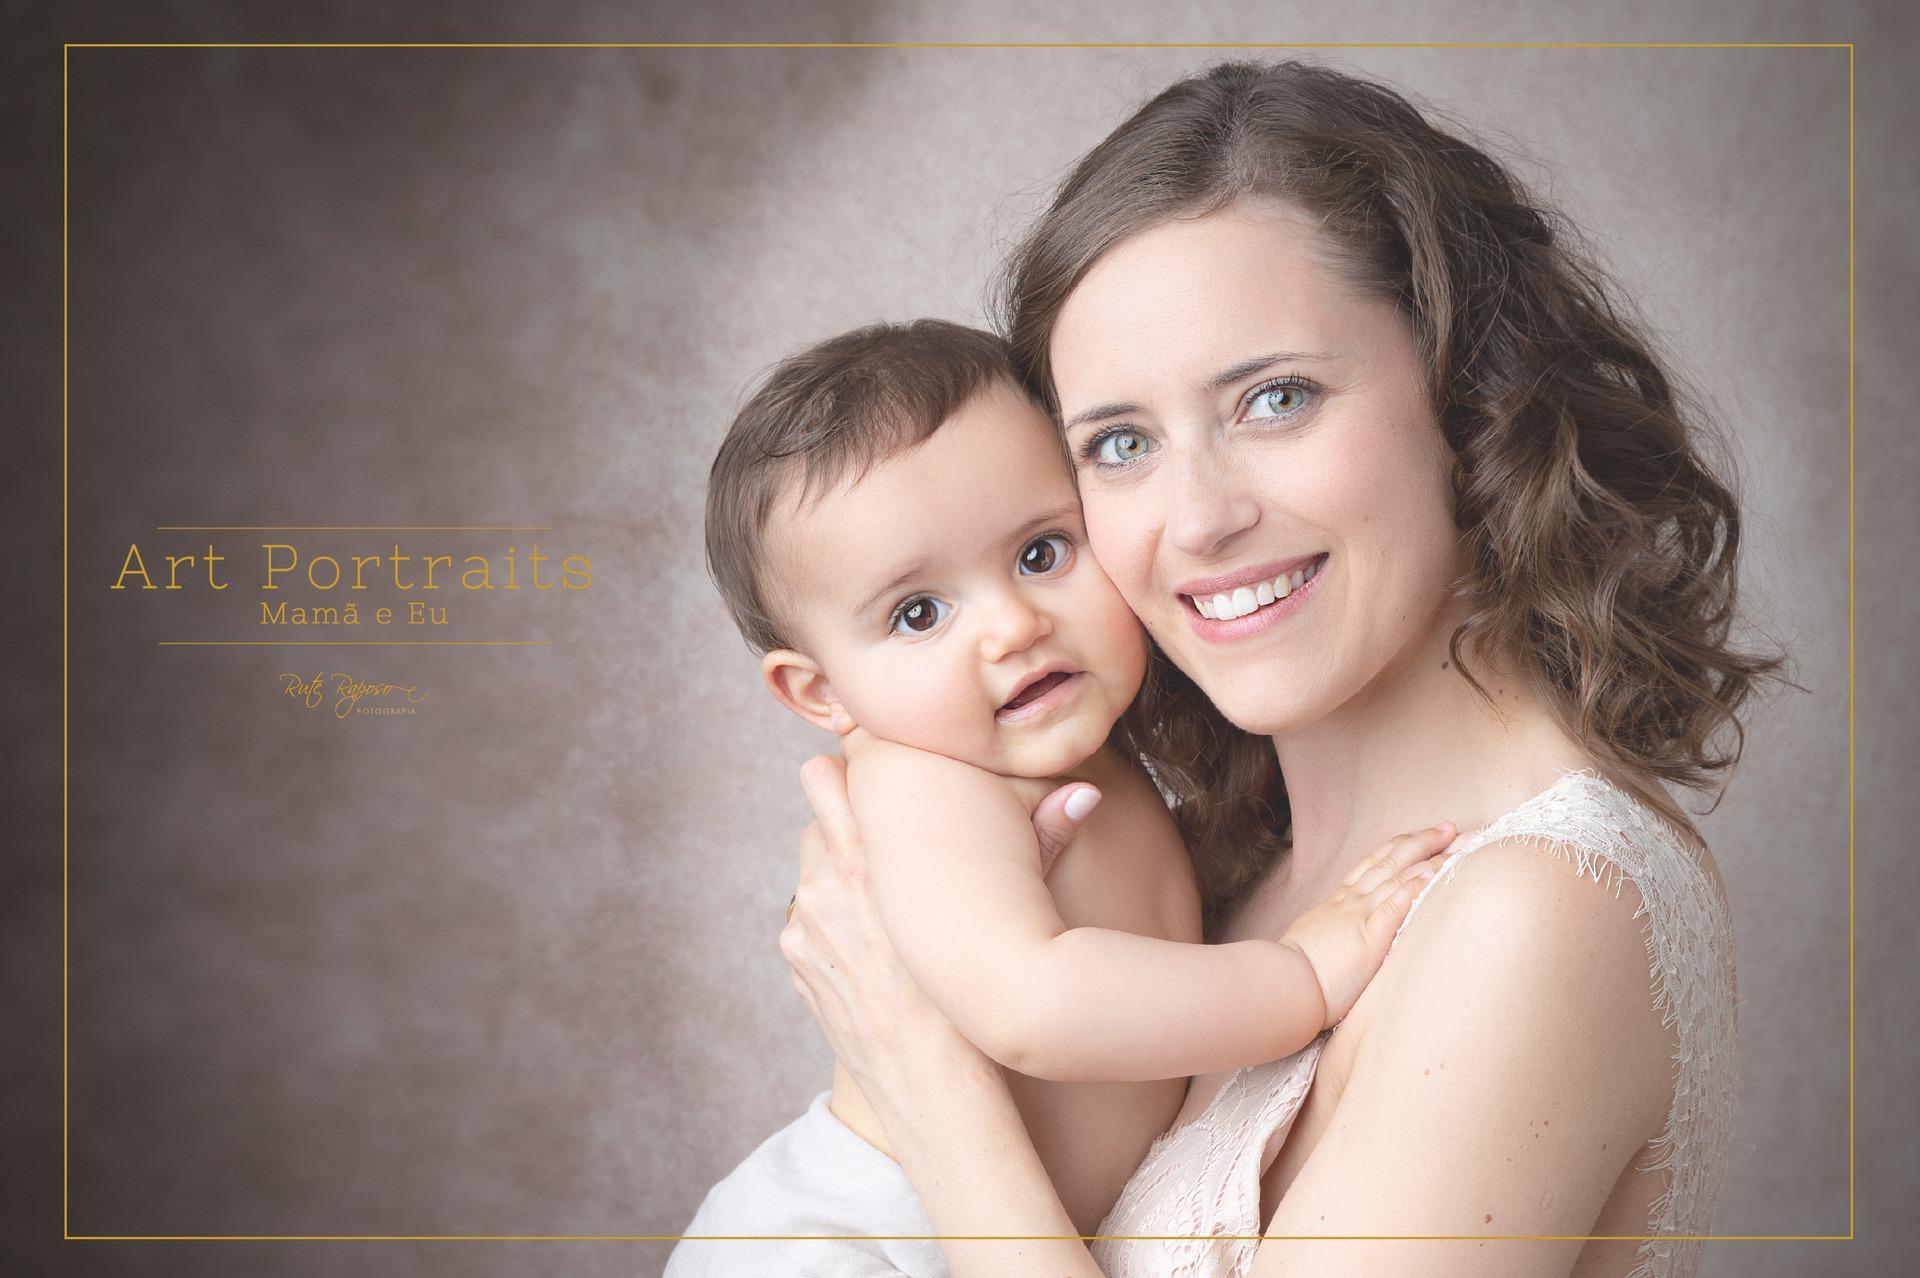 Mãe e eu - mommy and me